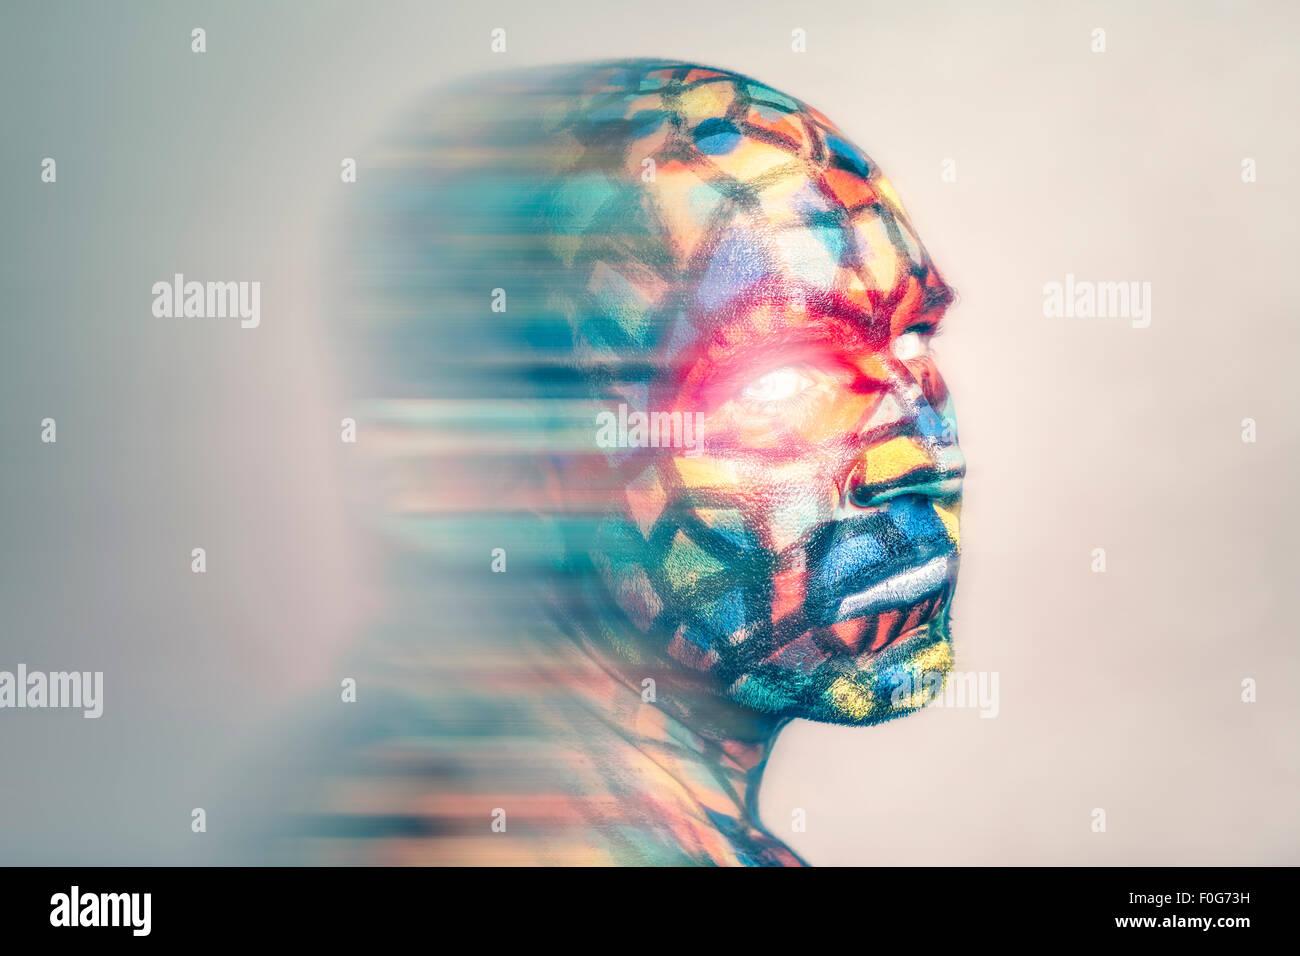 Retrato del superhéroe, colorido arte facial con efecto de desenfoque de movimiento. Foto de stock